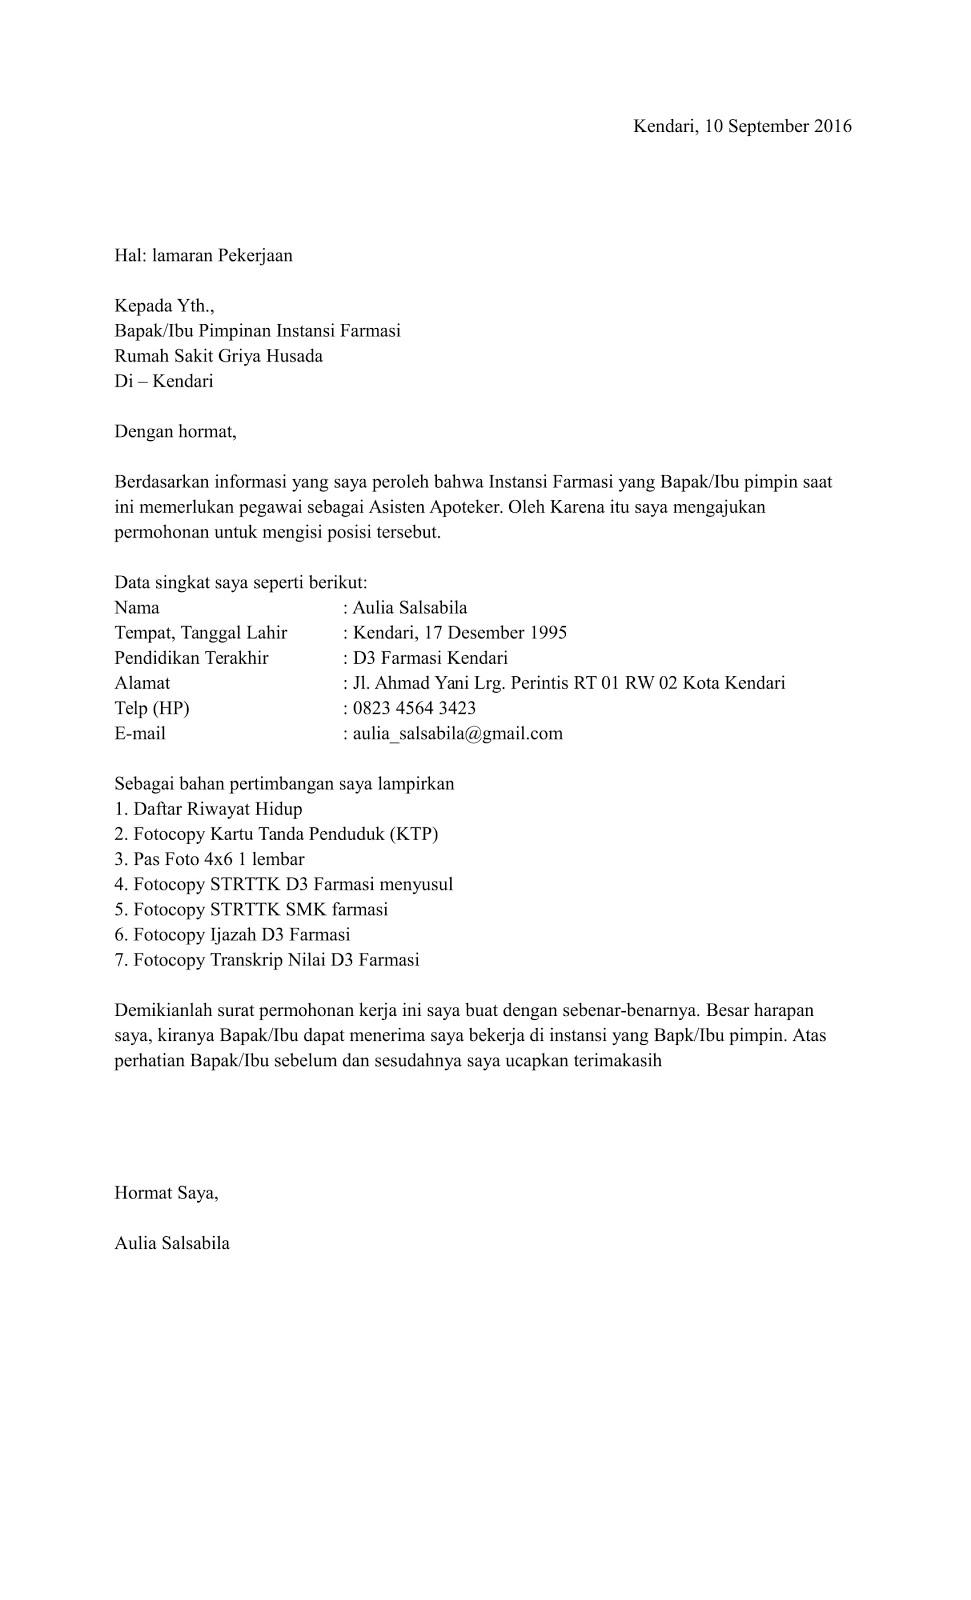 Contoh Surat Lamaran Kerja Di Apotek Tulis Tangan